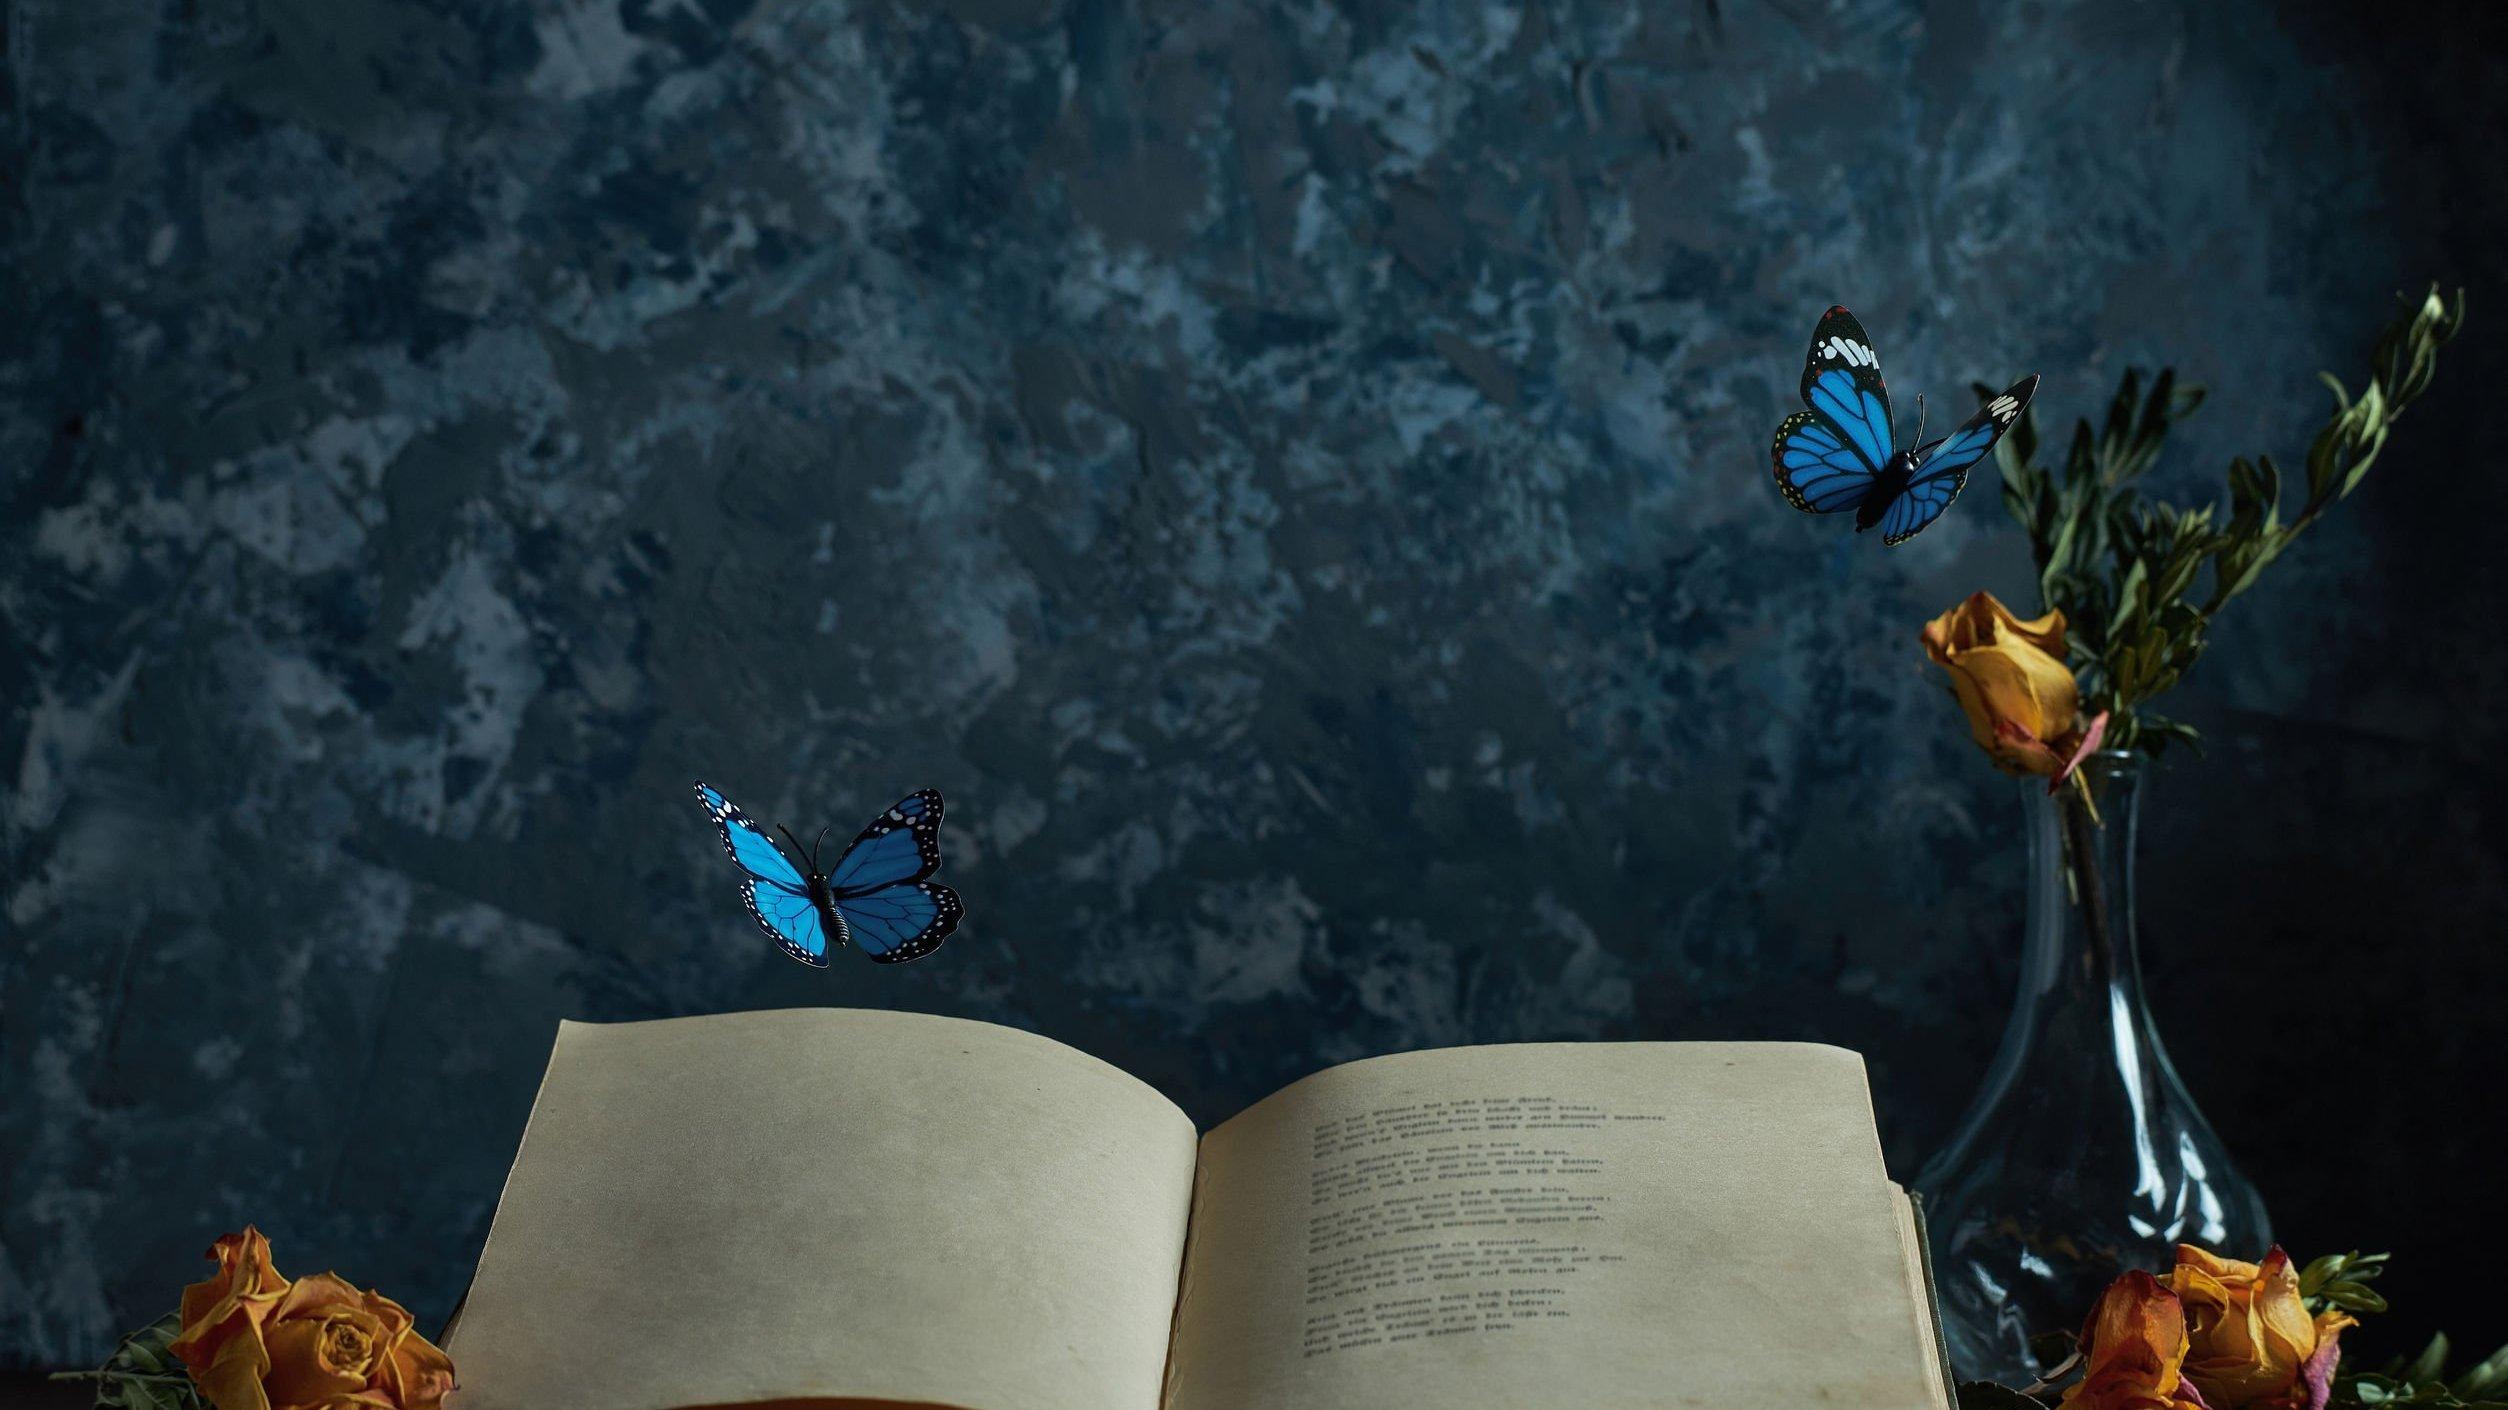 Borboletas azuis voando sobre bíblia aberta em cima de mesa.